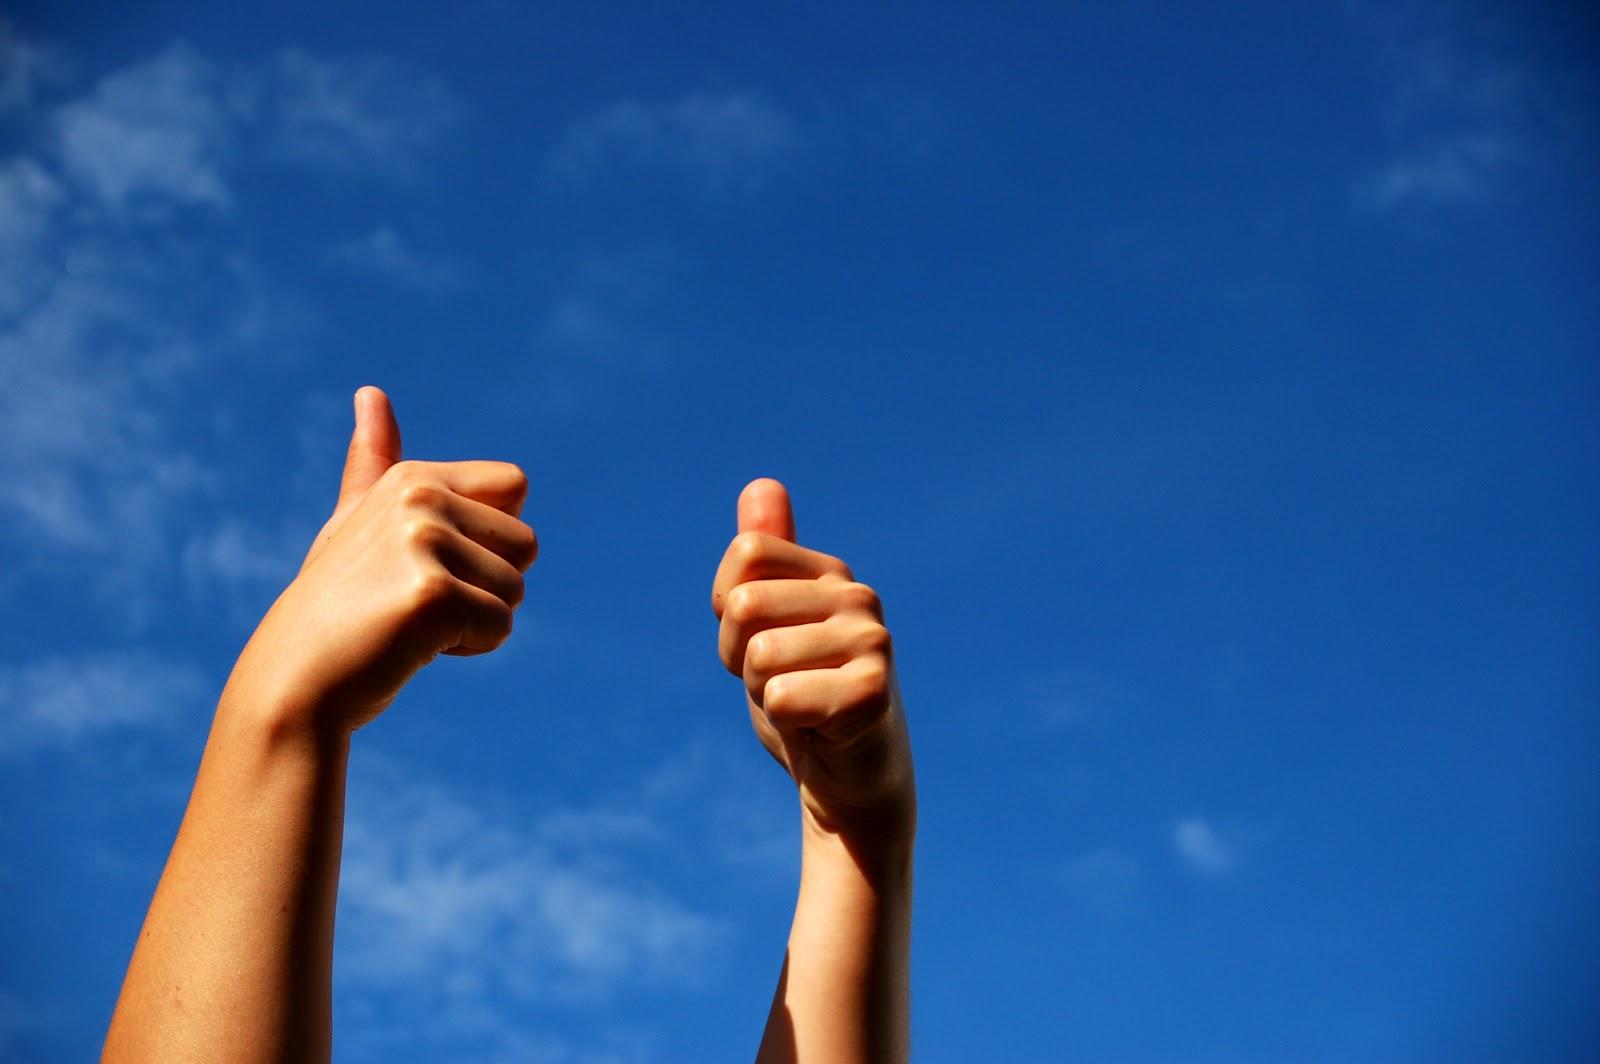 El optimista encuentra una respuesta para cada problema, el pesimista ve un problema en cada respuesta. Molt bon 2013!